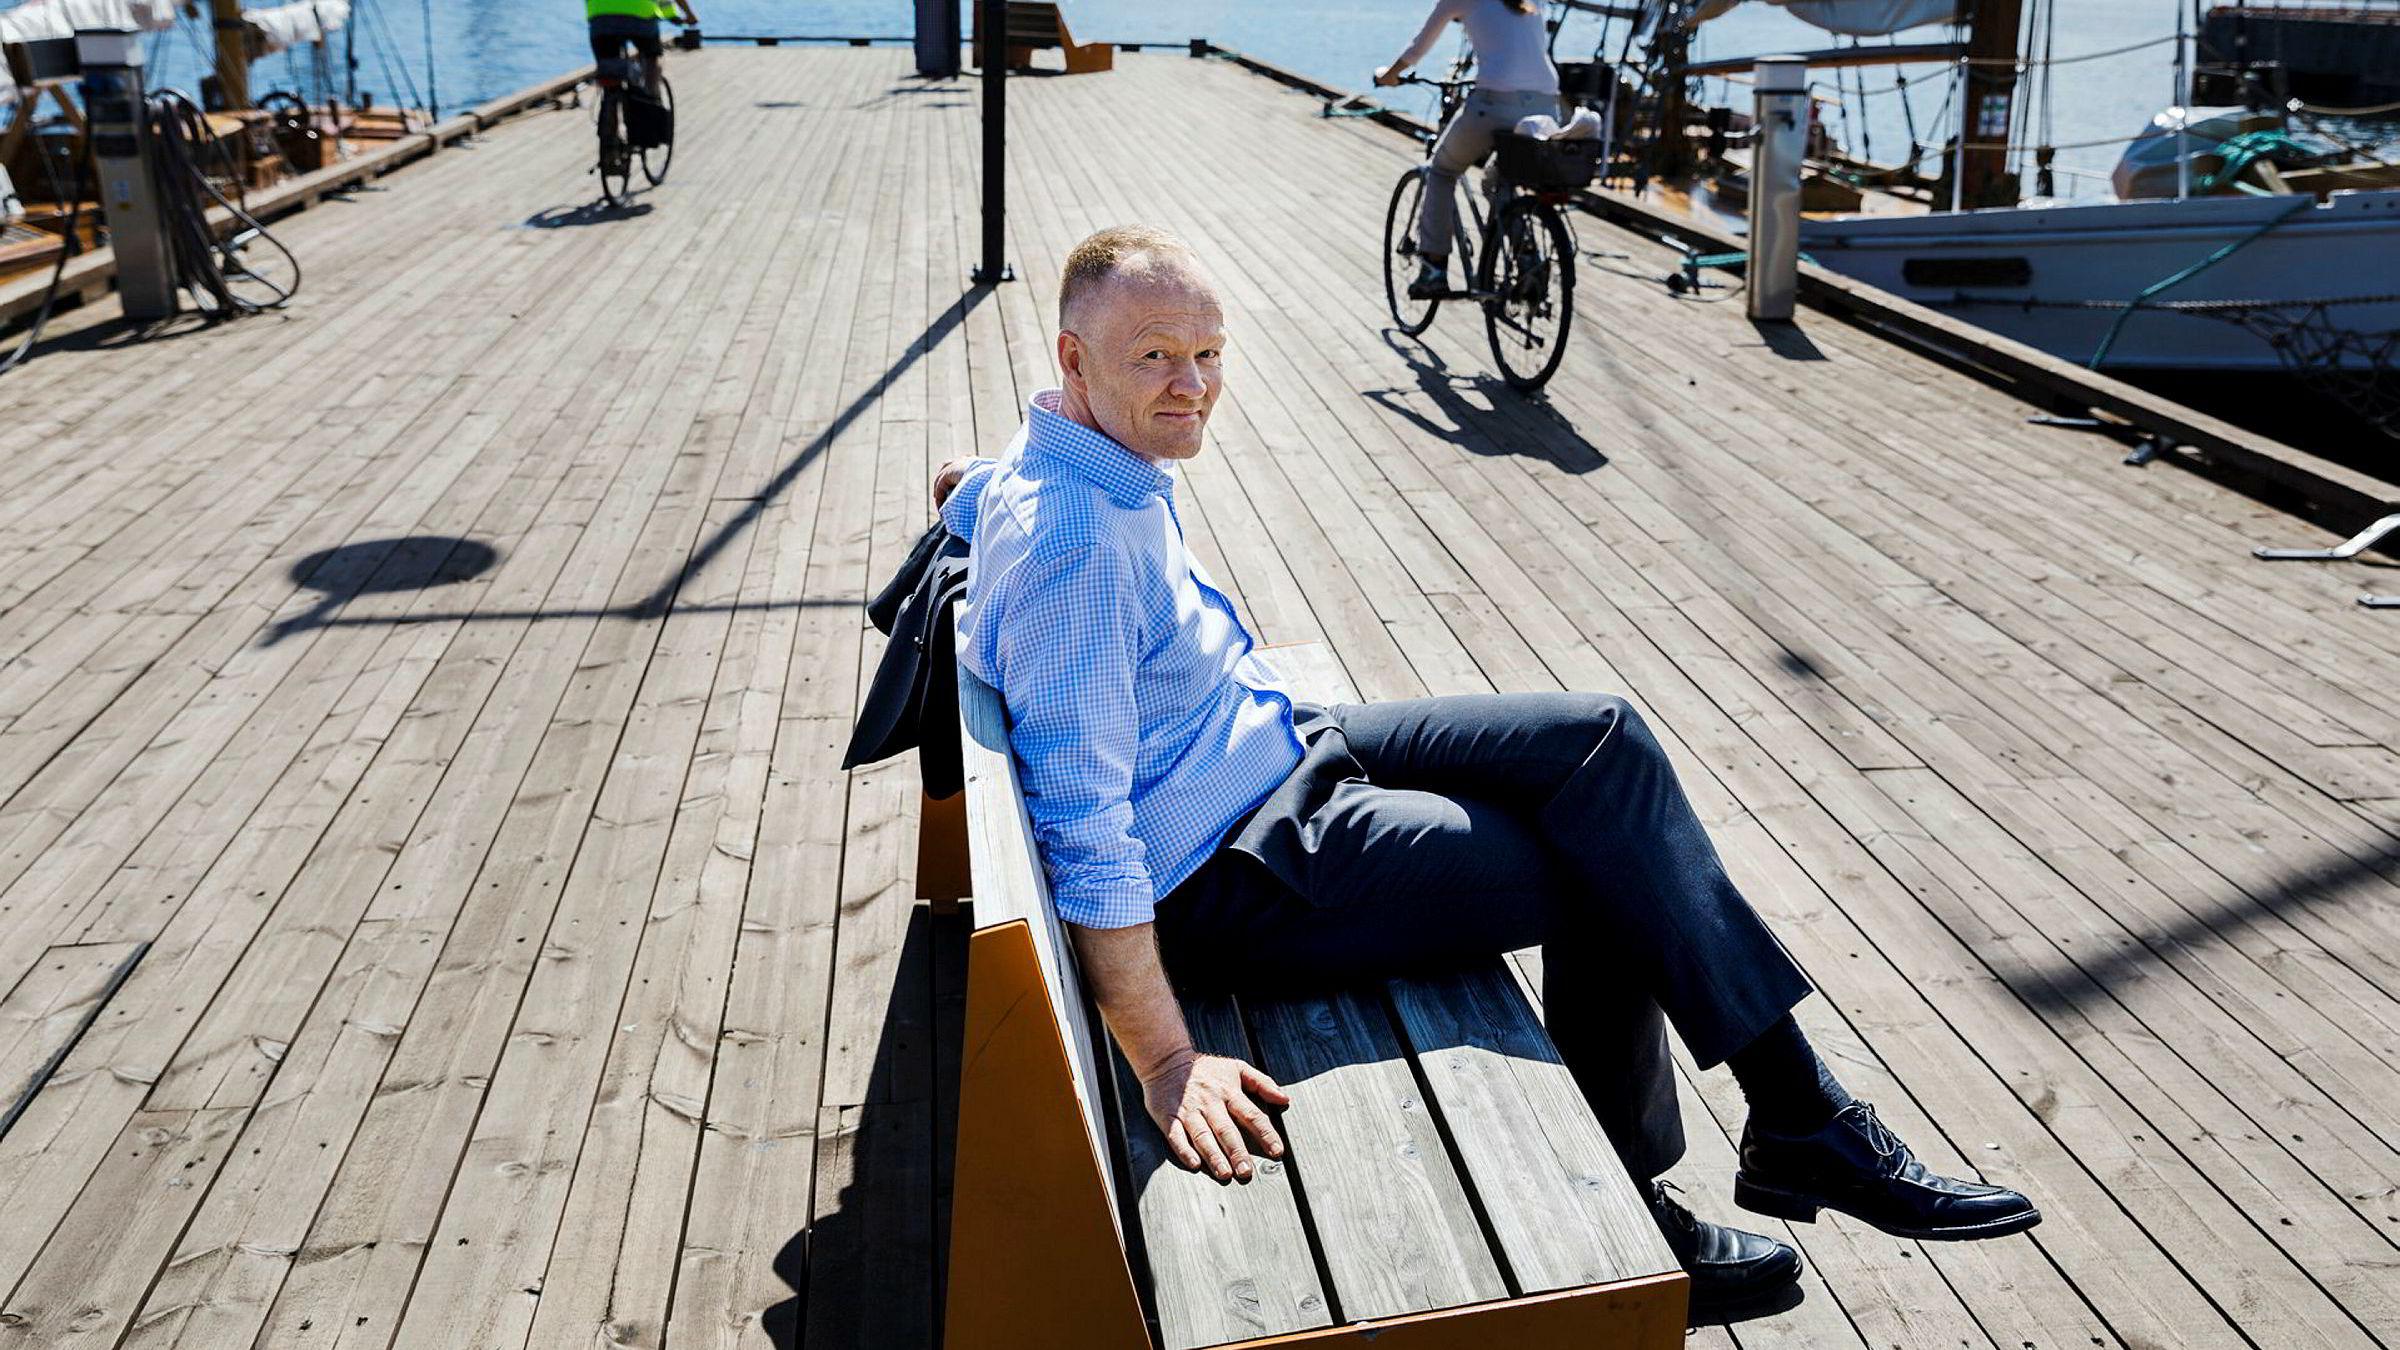 – Den store driveren i dette markedet er at folk blir rikere og får mer tid, sier Arne Handeland i Verdane, som tar kontrollen i Mustad.